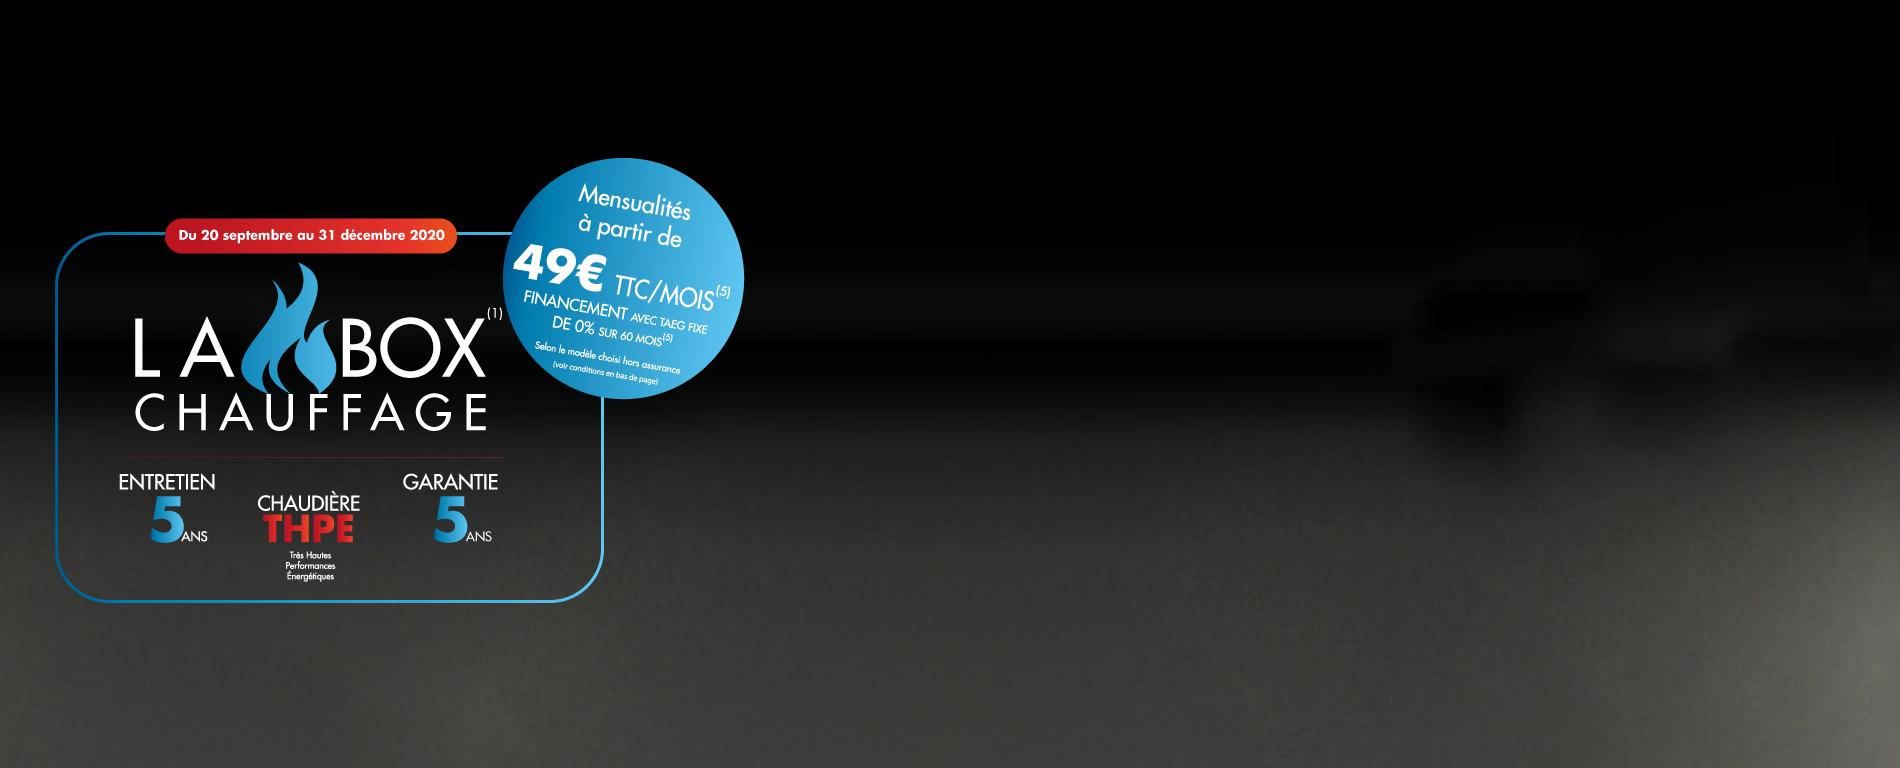 offre pack chauffage tout inclu garantie pose chaudière THPE entretien